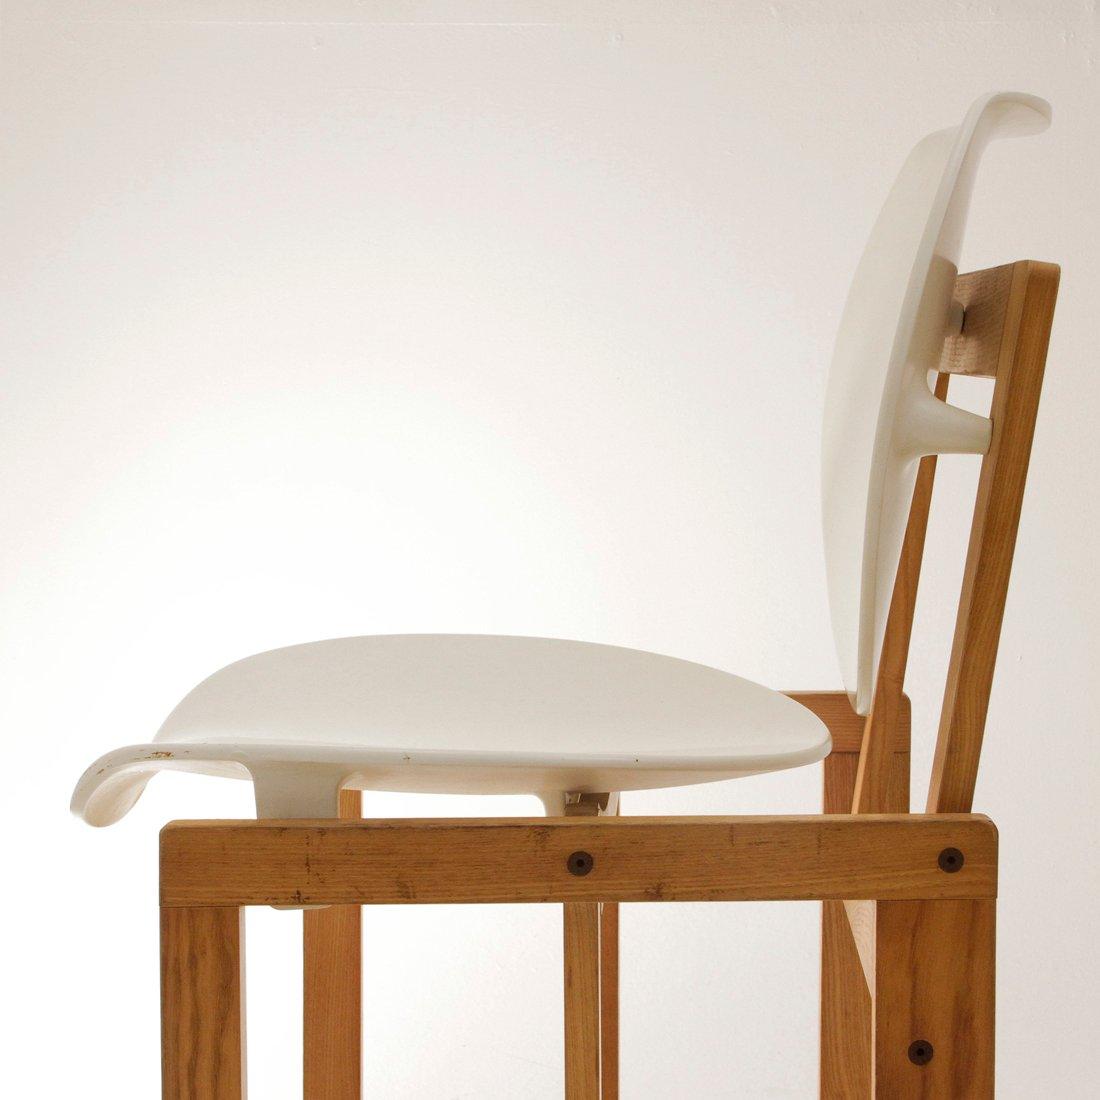 Sedia vintage in legno e plastica bianca italia anni 39 70 for Sedia design anni 70